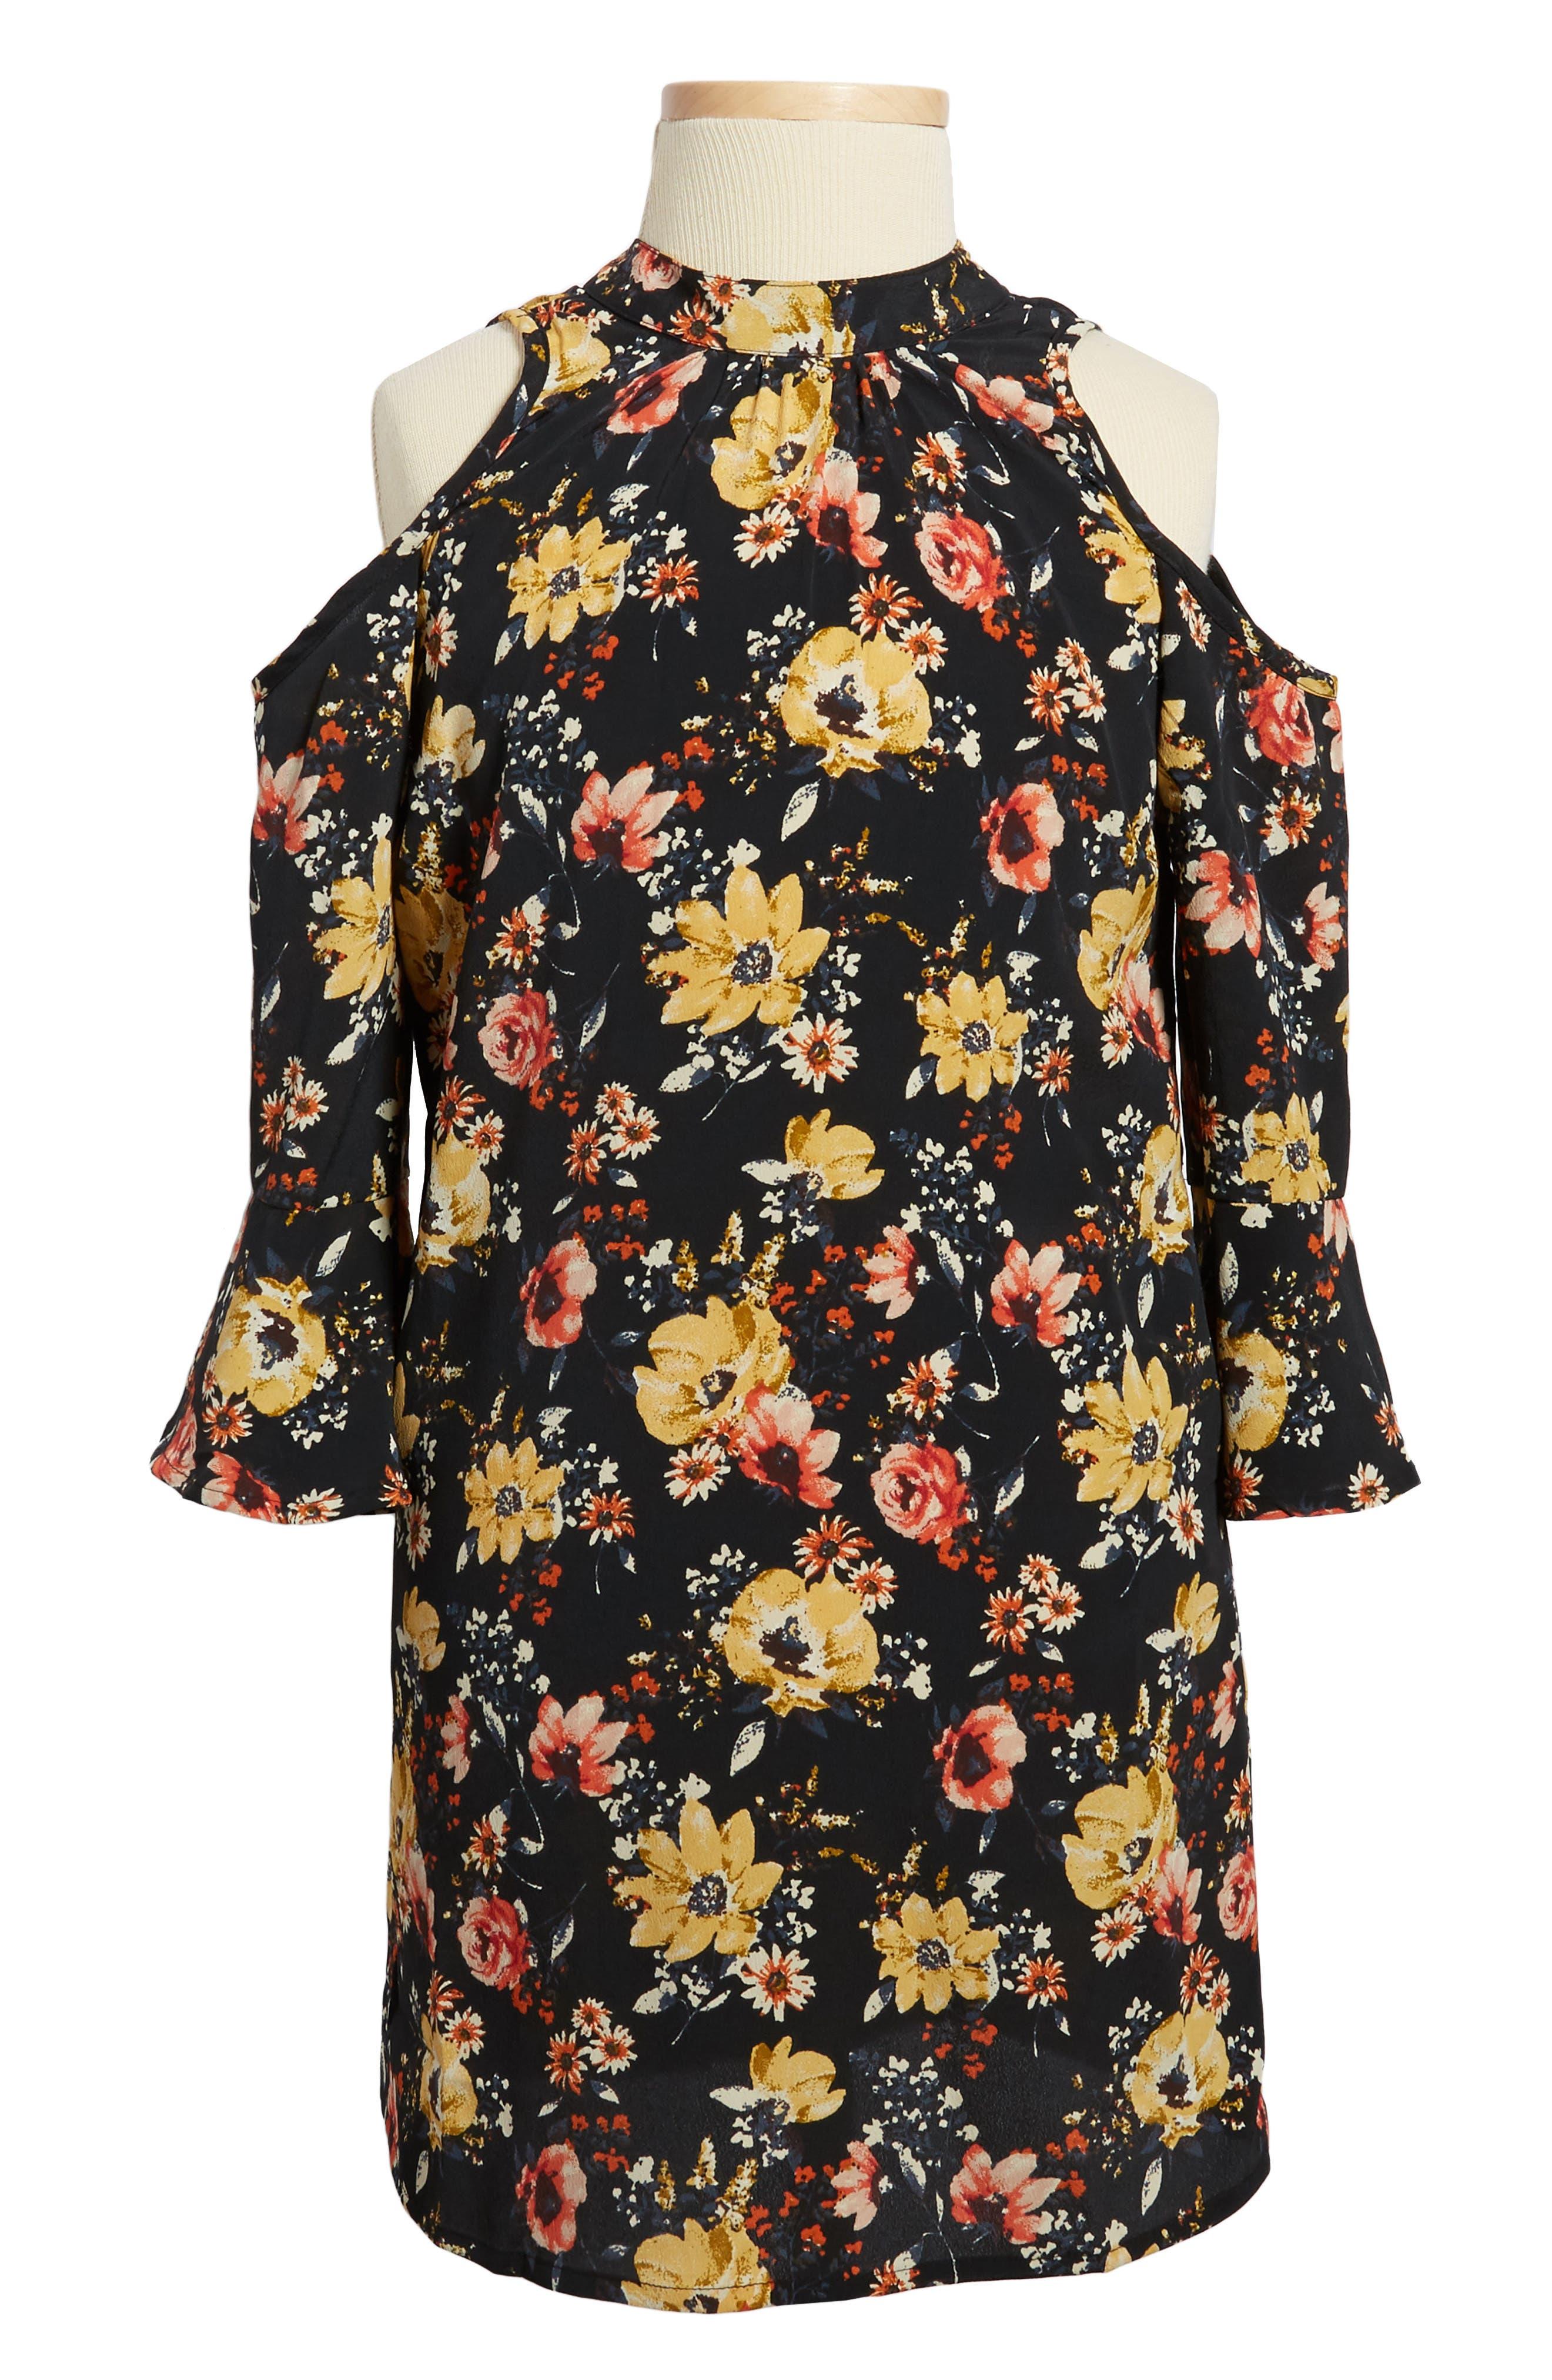 Main Image - Zoe and Rose Floral Print Cold Shoulder Dress (Big Girls)